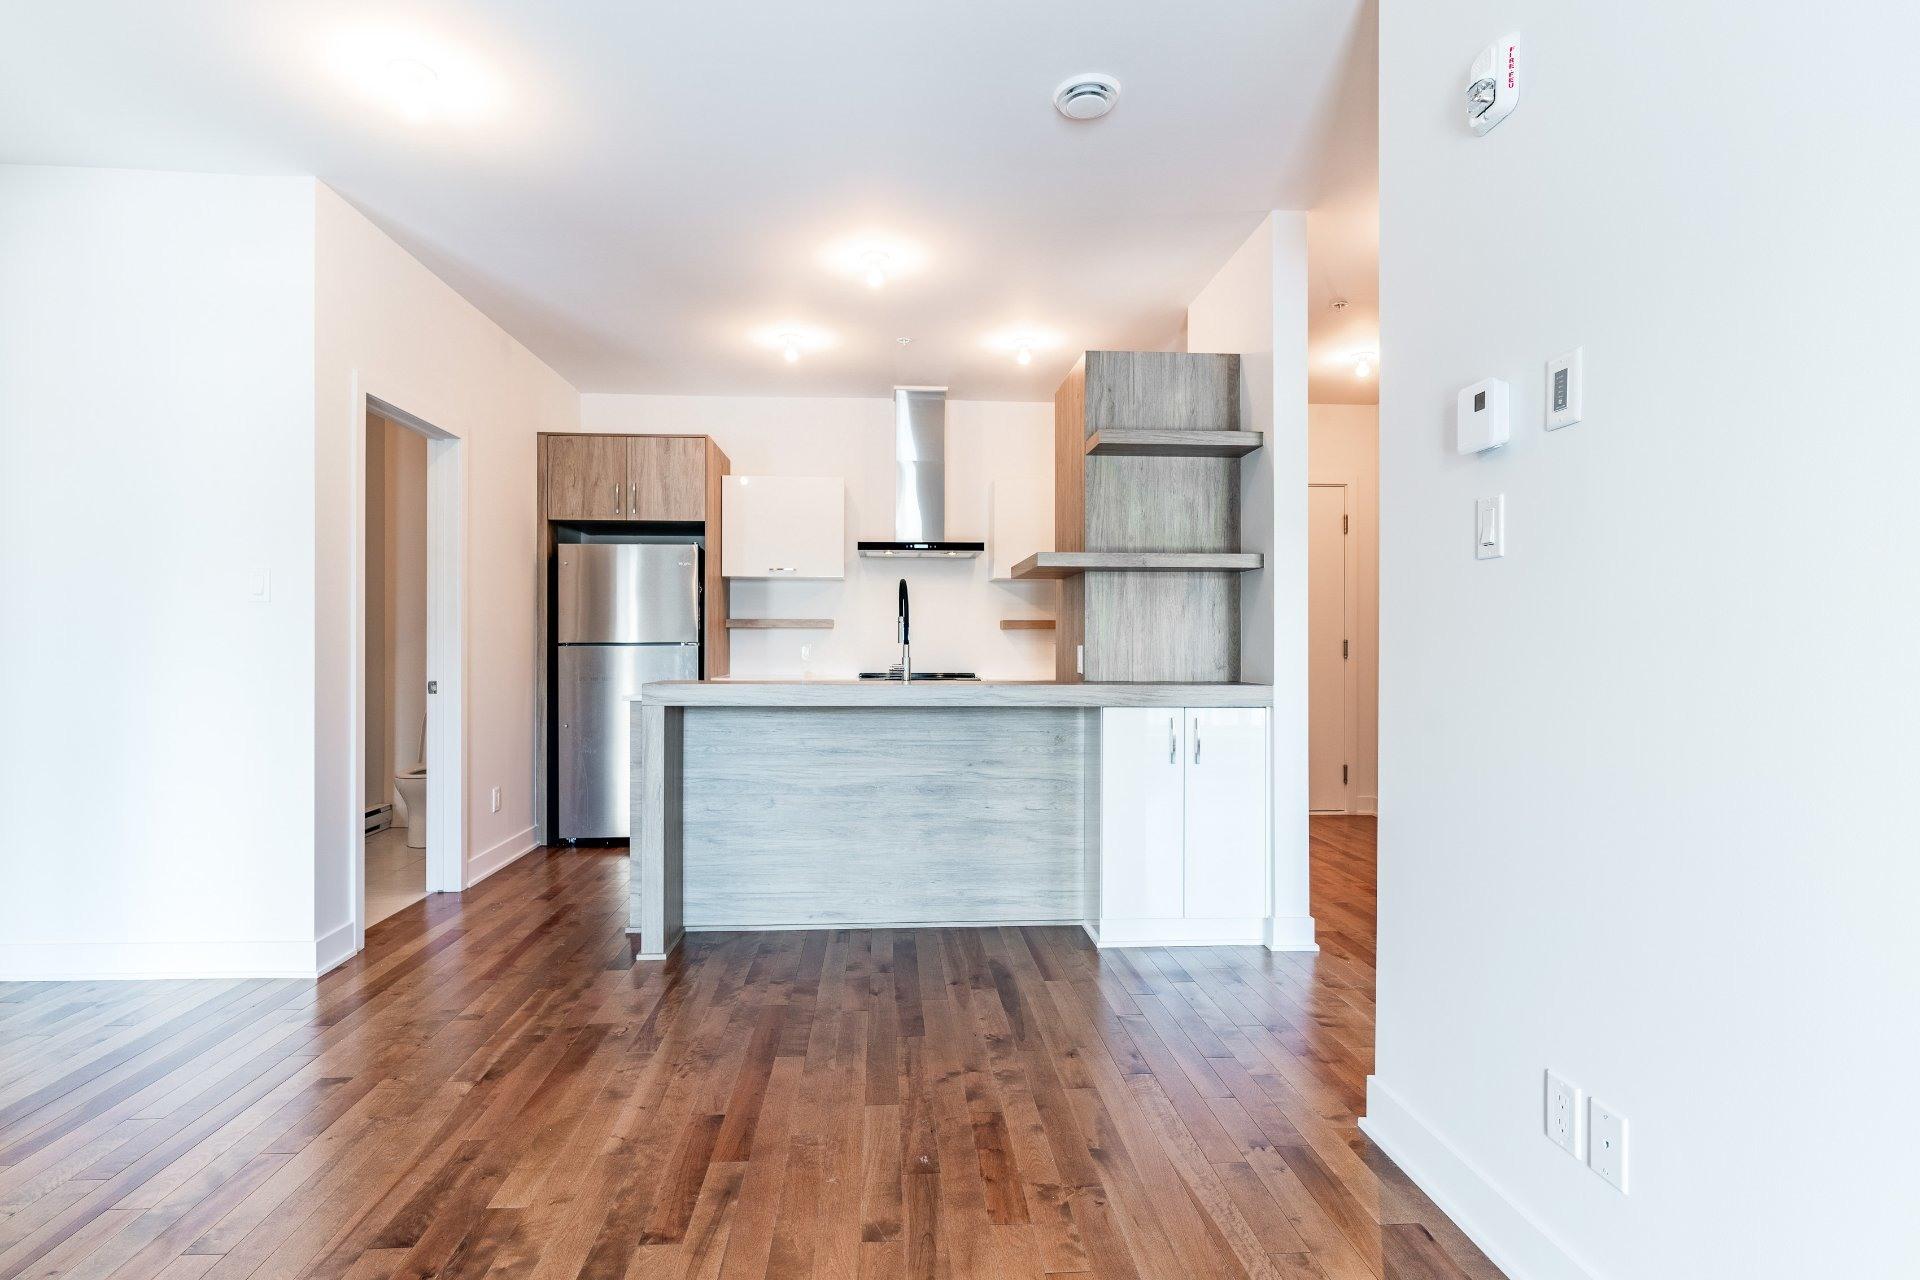 image 5 - Appartement À louer Rosemont/La Petite-Patrie Montréal  - 7 pièces